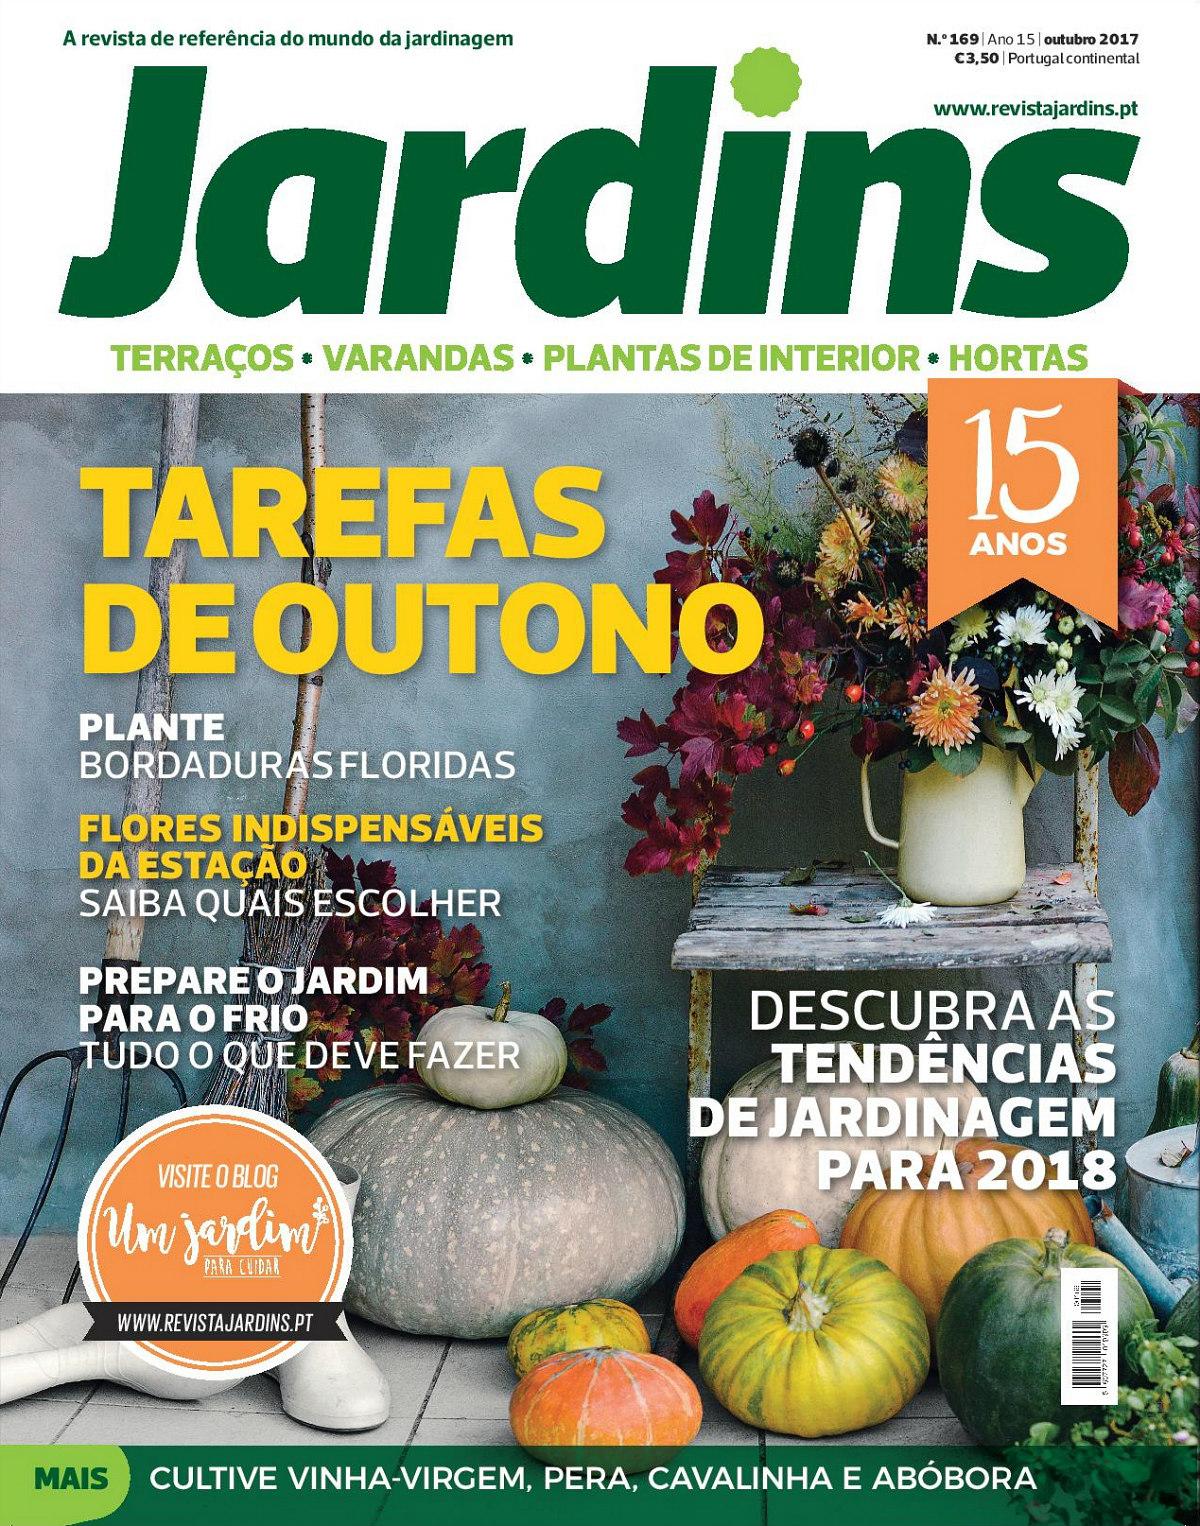 Revista Jardins faz 15 anos